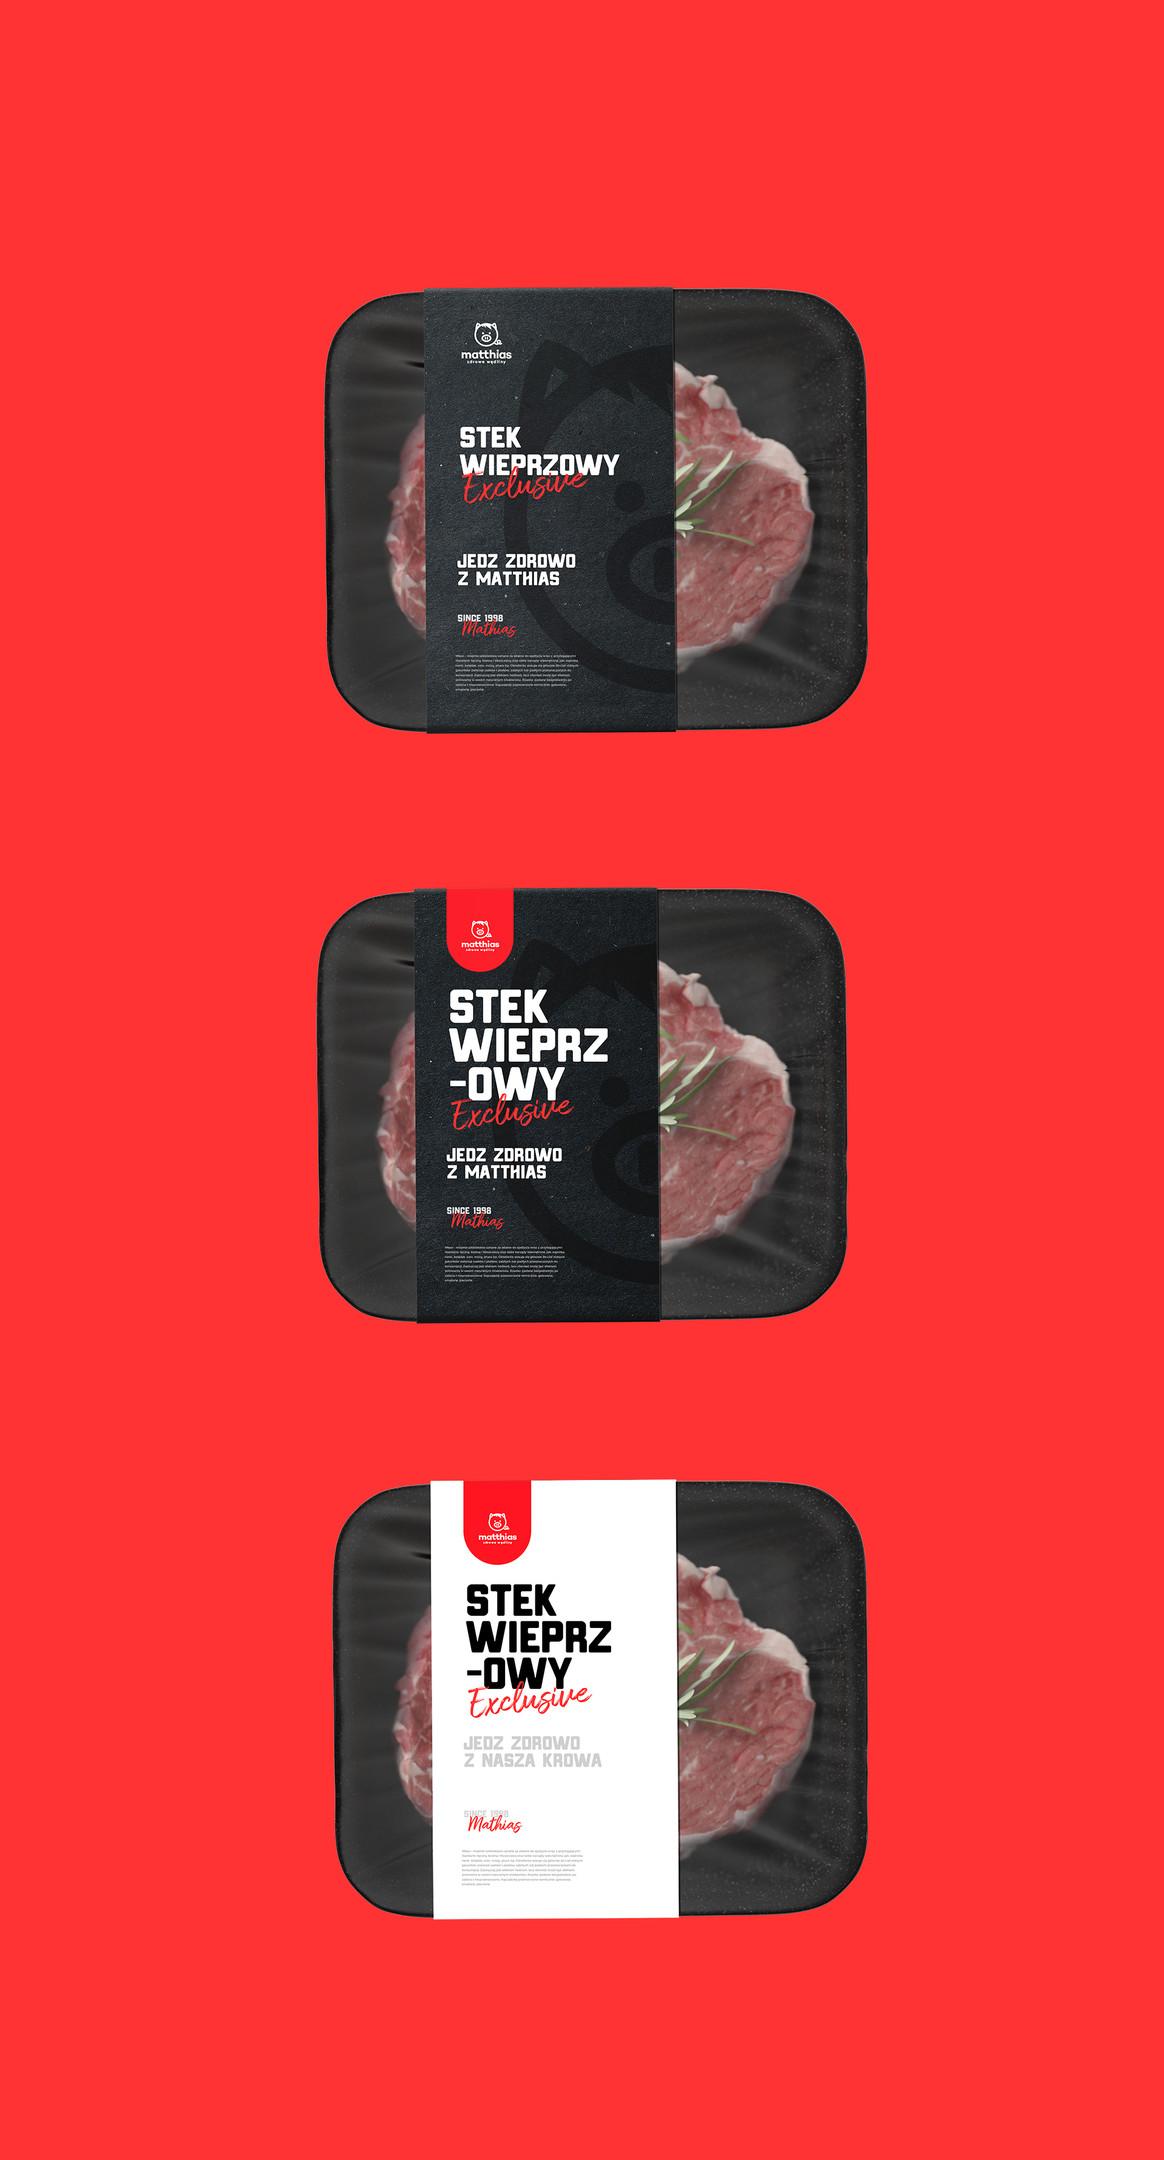 Steki wieprzowe w opakowaniu na czerwonym tle